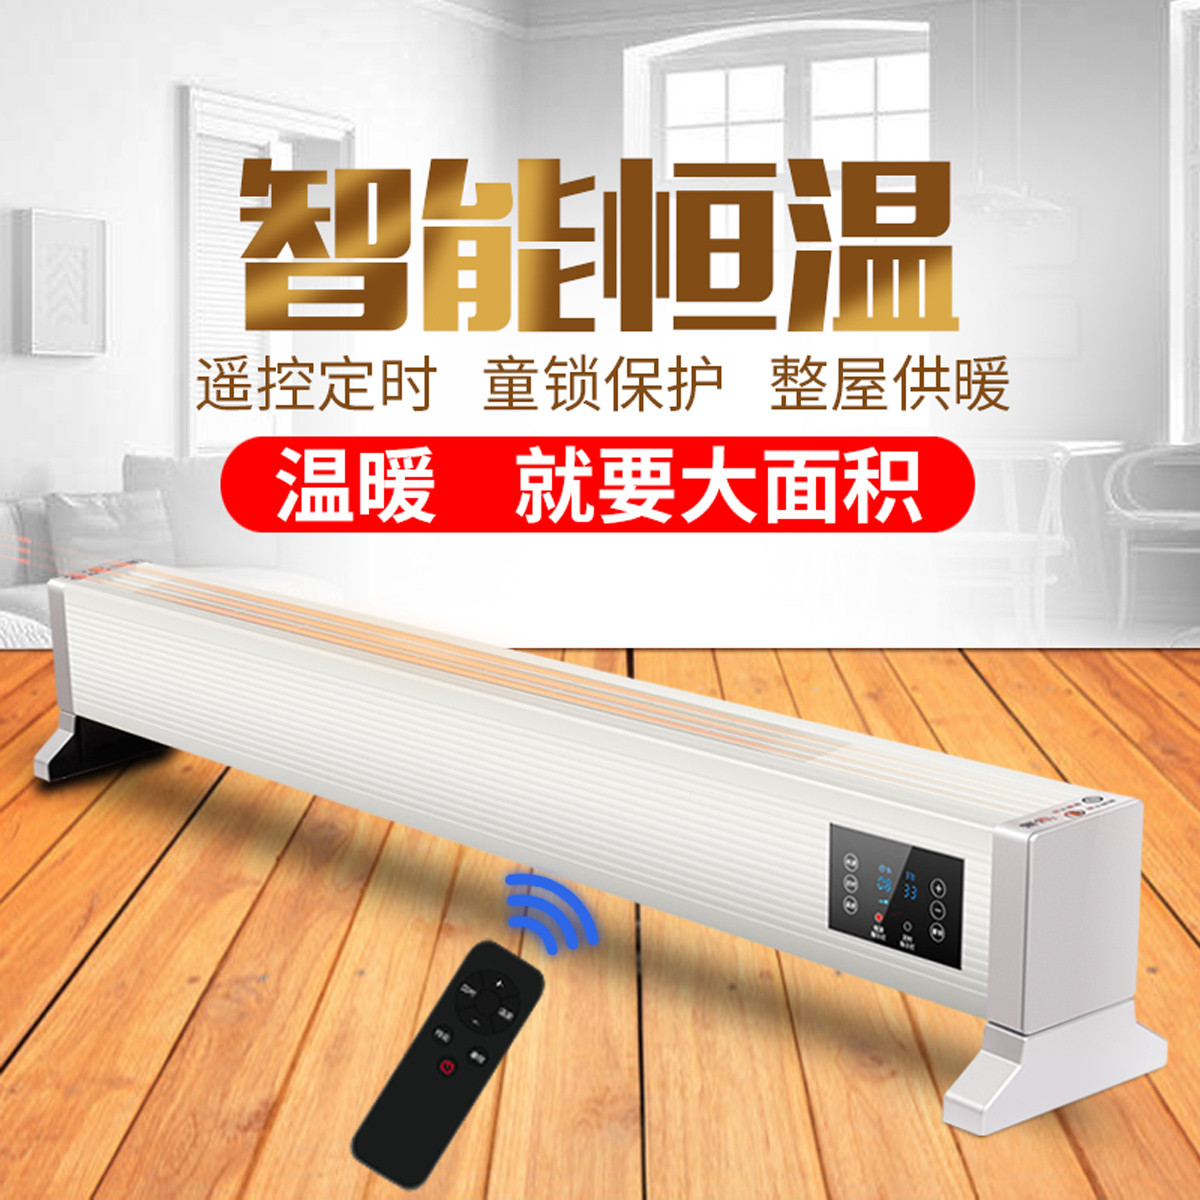 澳柯玛澳柯玛取暖器家用暖风机速热踢脚线节能变频电暖气对流电暖器COLOR白色